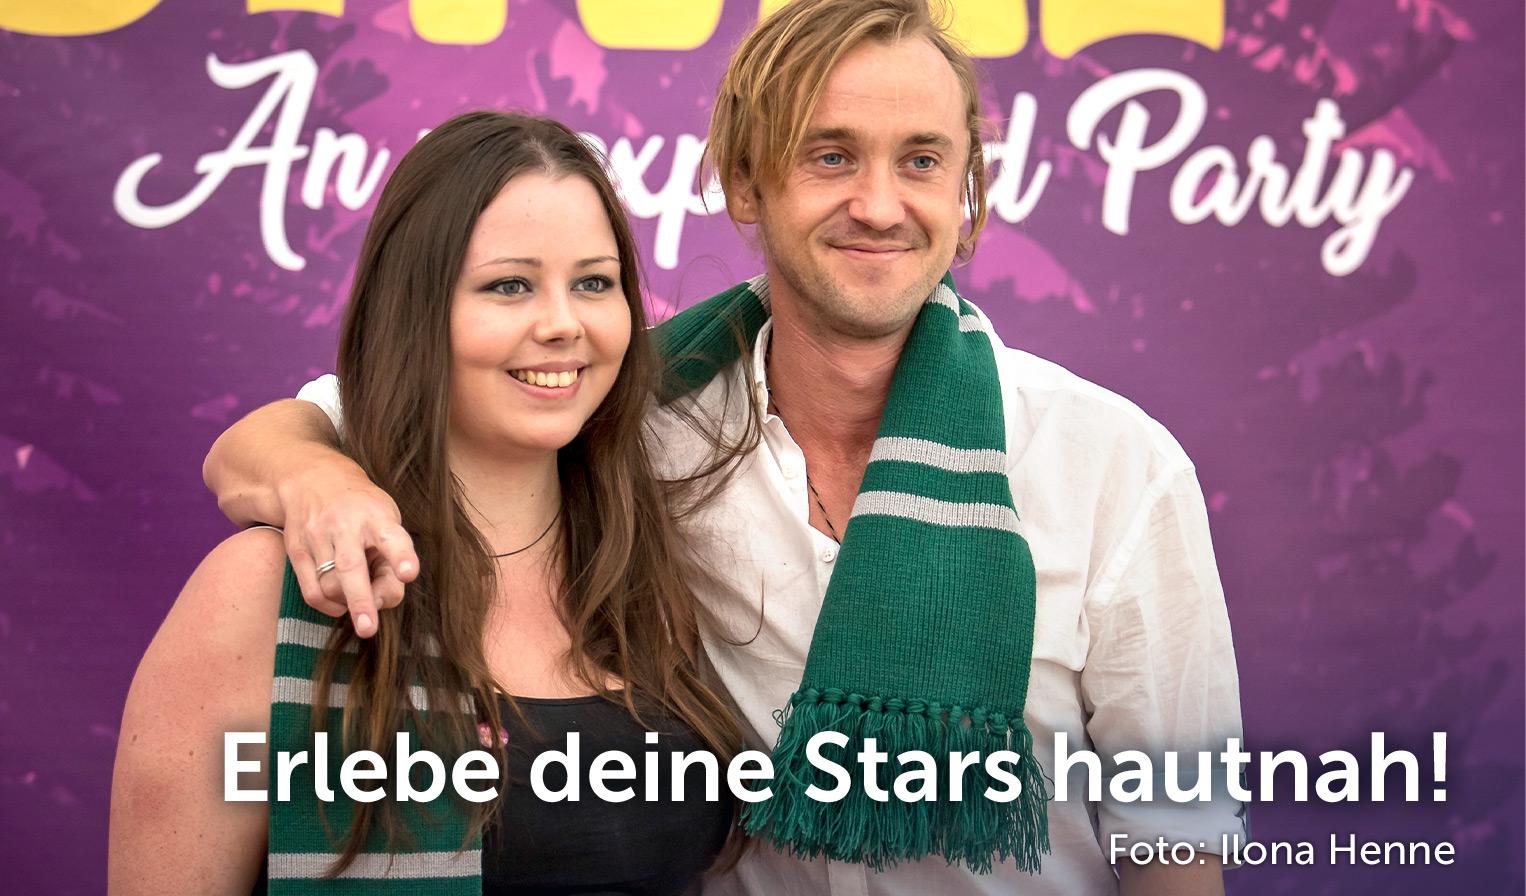 Erlebe deine Stars hautnah!, Foto: Ilona Henne